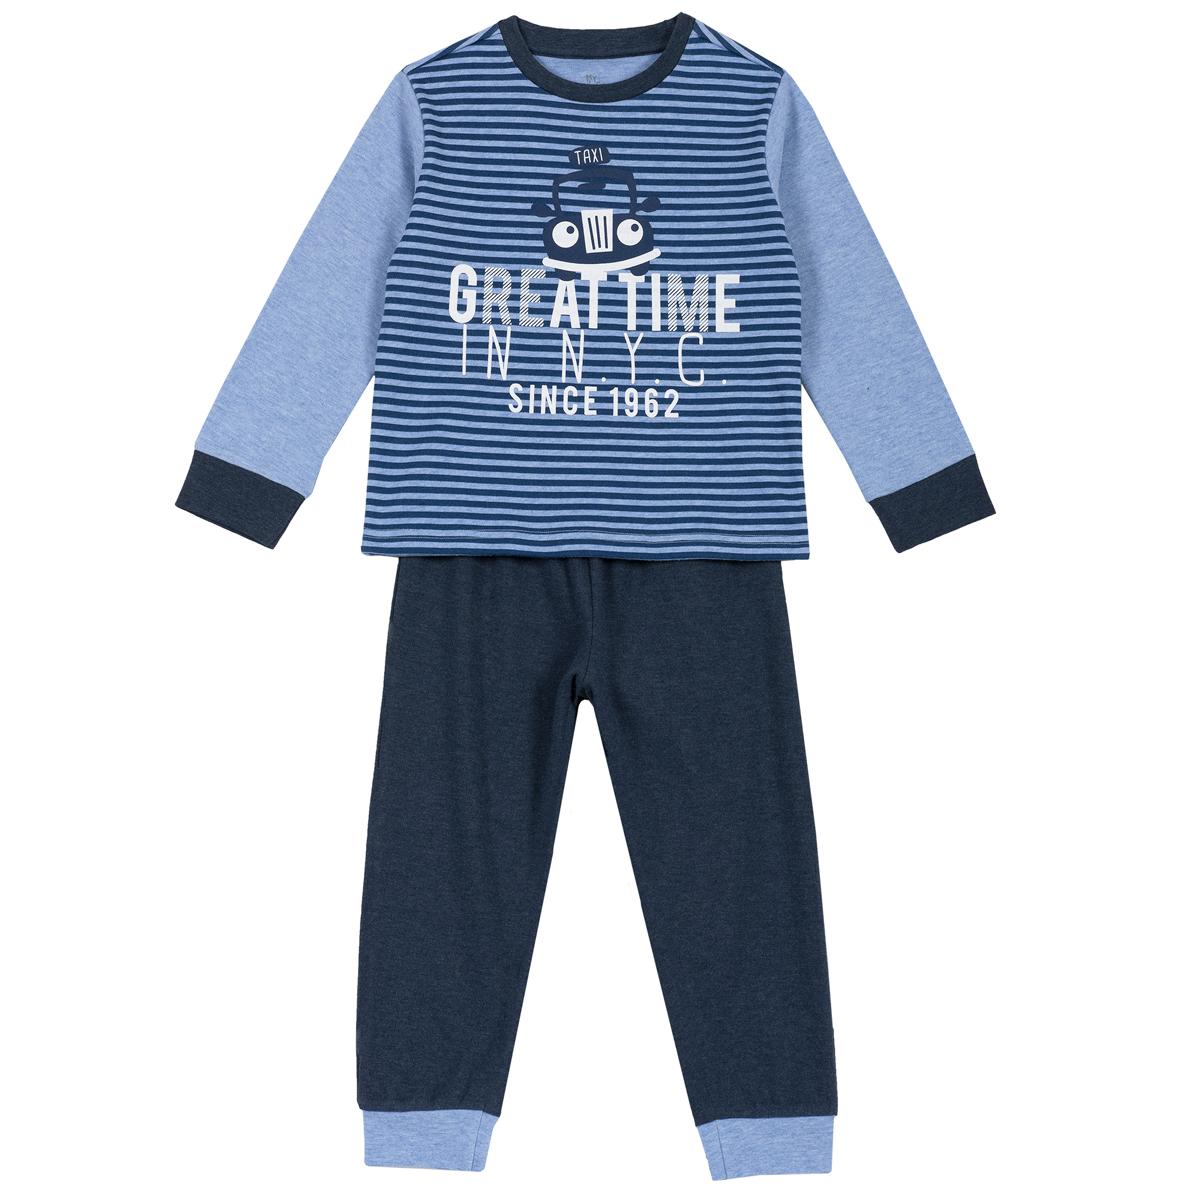 Pijama Copii Chicco, Maneca Lunga, Albastru, 31286 imagine